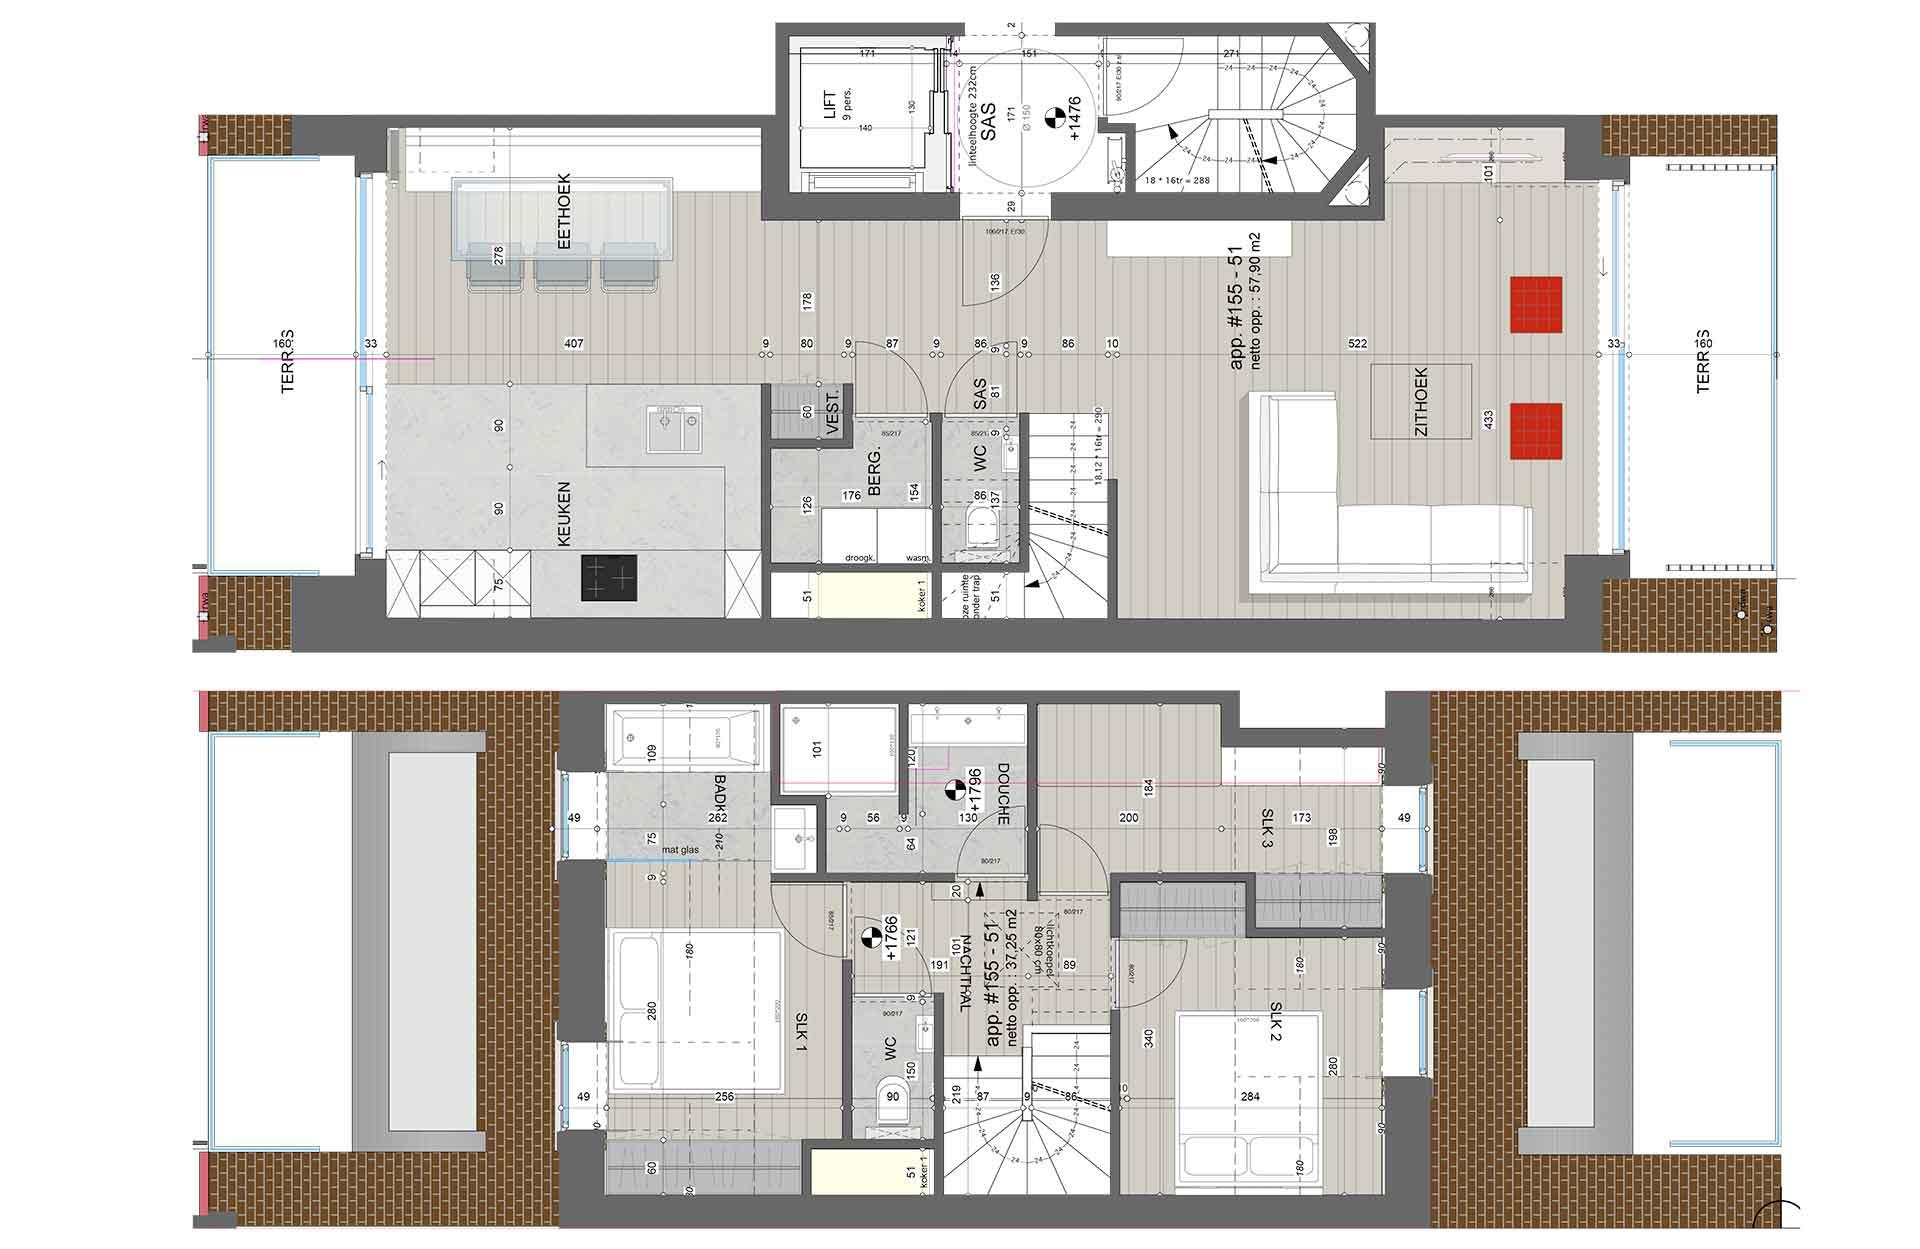 Residentie <br/> Fontana - image residentie-fontana-appartement-te-koop-knokke-plannen-155-51-1 on https://hoprom.be